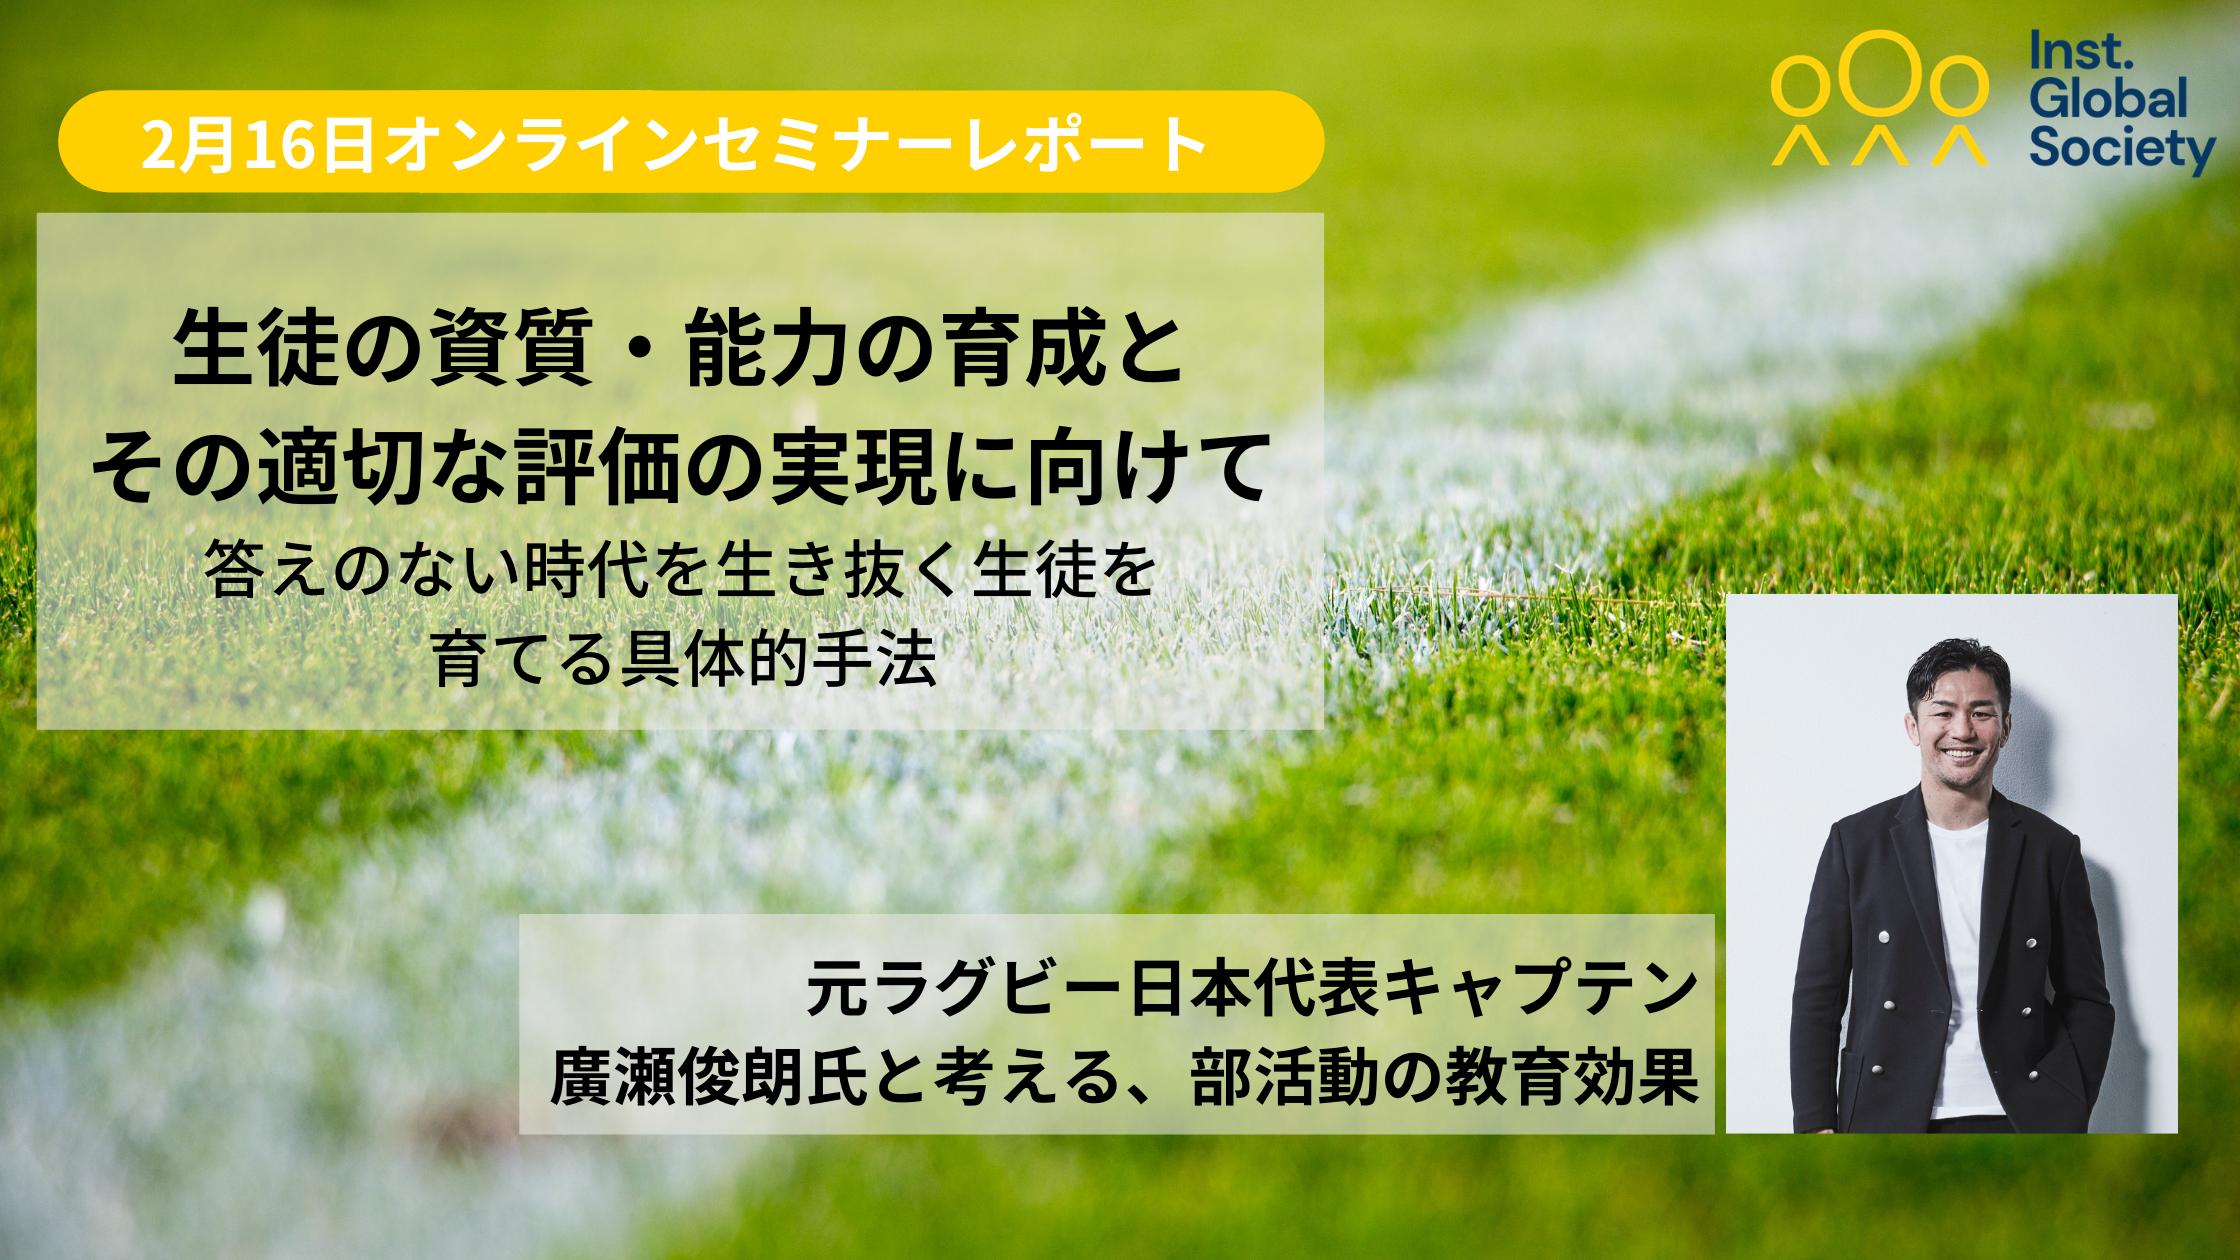 【セミナーレポート】「勝つこと以外の部活動の成果は何ですか?」元ラグビー日本代表キャプテン廣瀬俊朗氏に聞く部活動の可能性